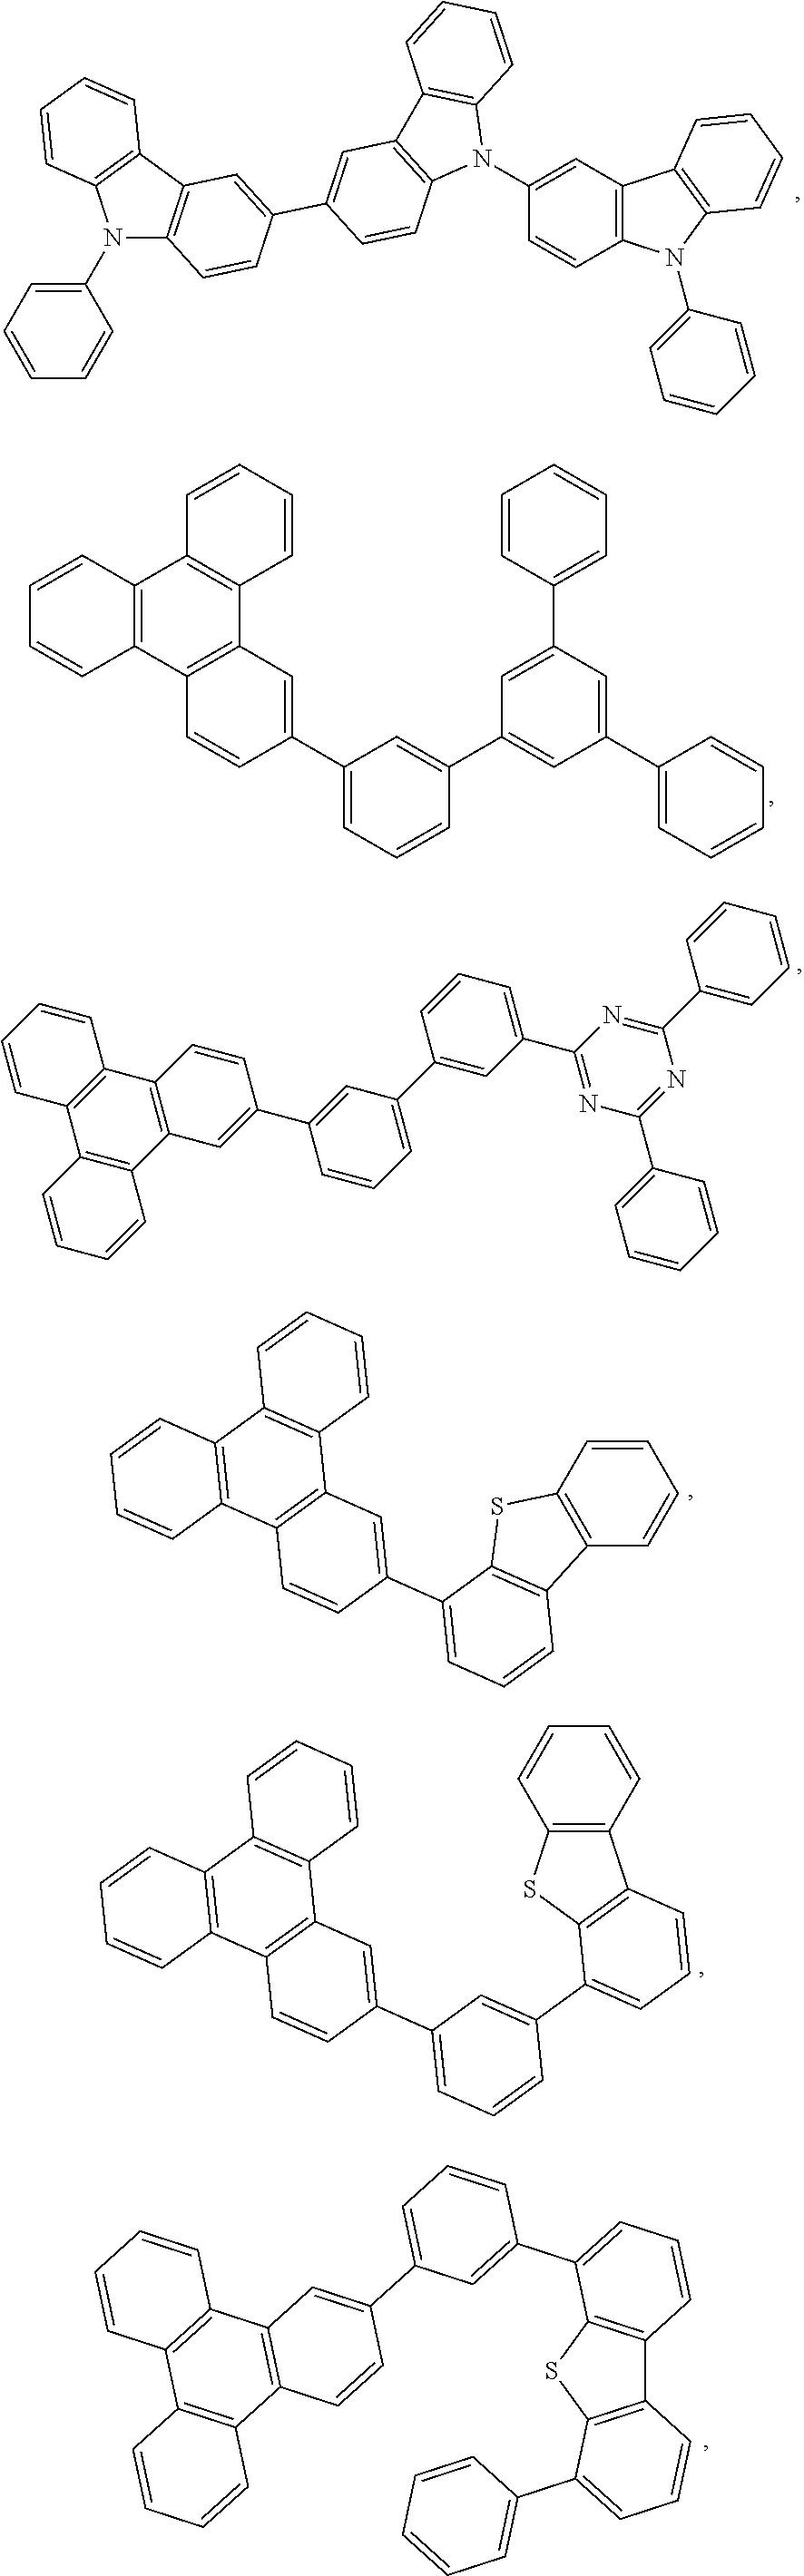 Figure US20180130962A1-20180510-C00135